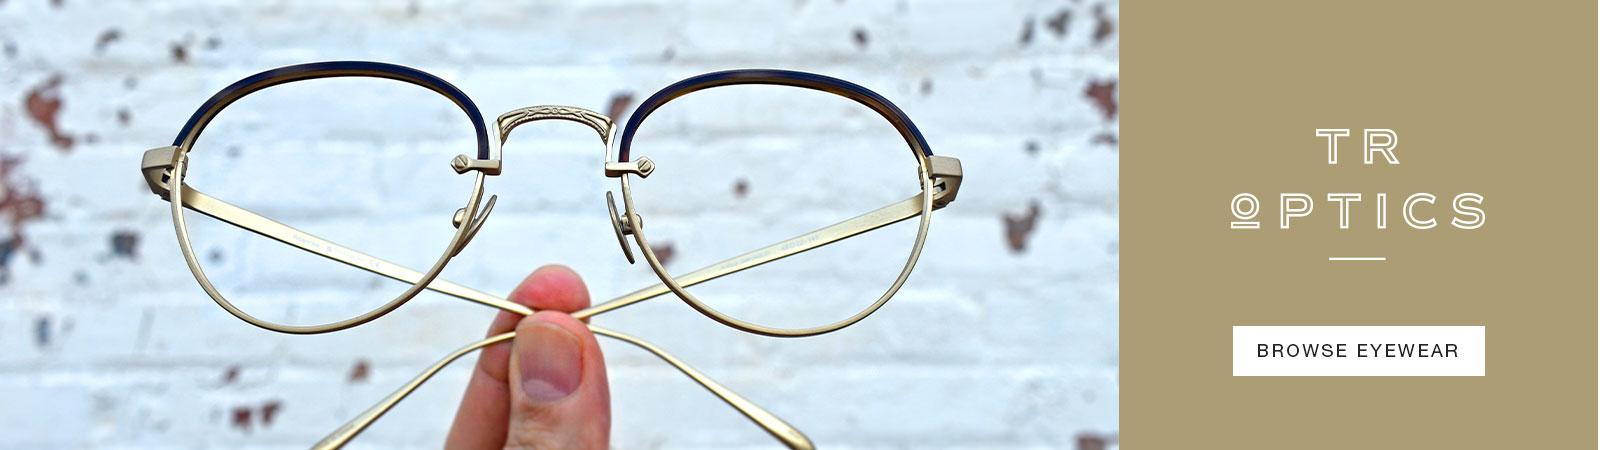 optical and sun eyewear tr optics